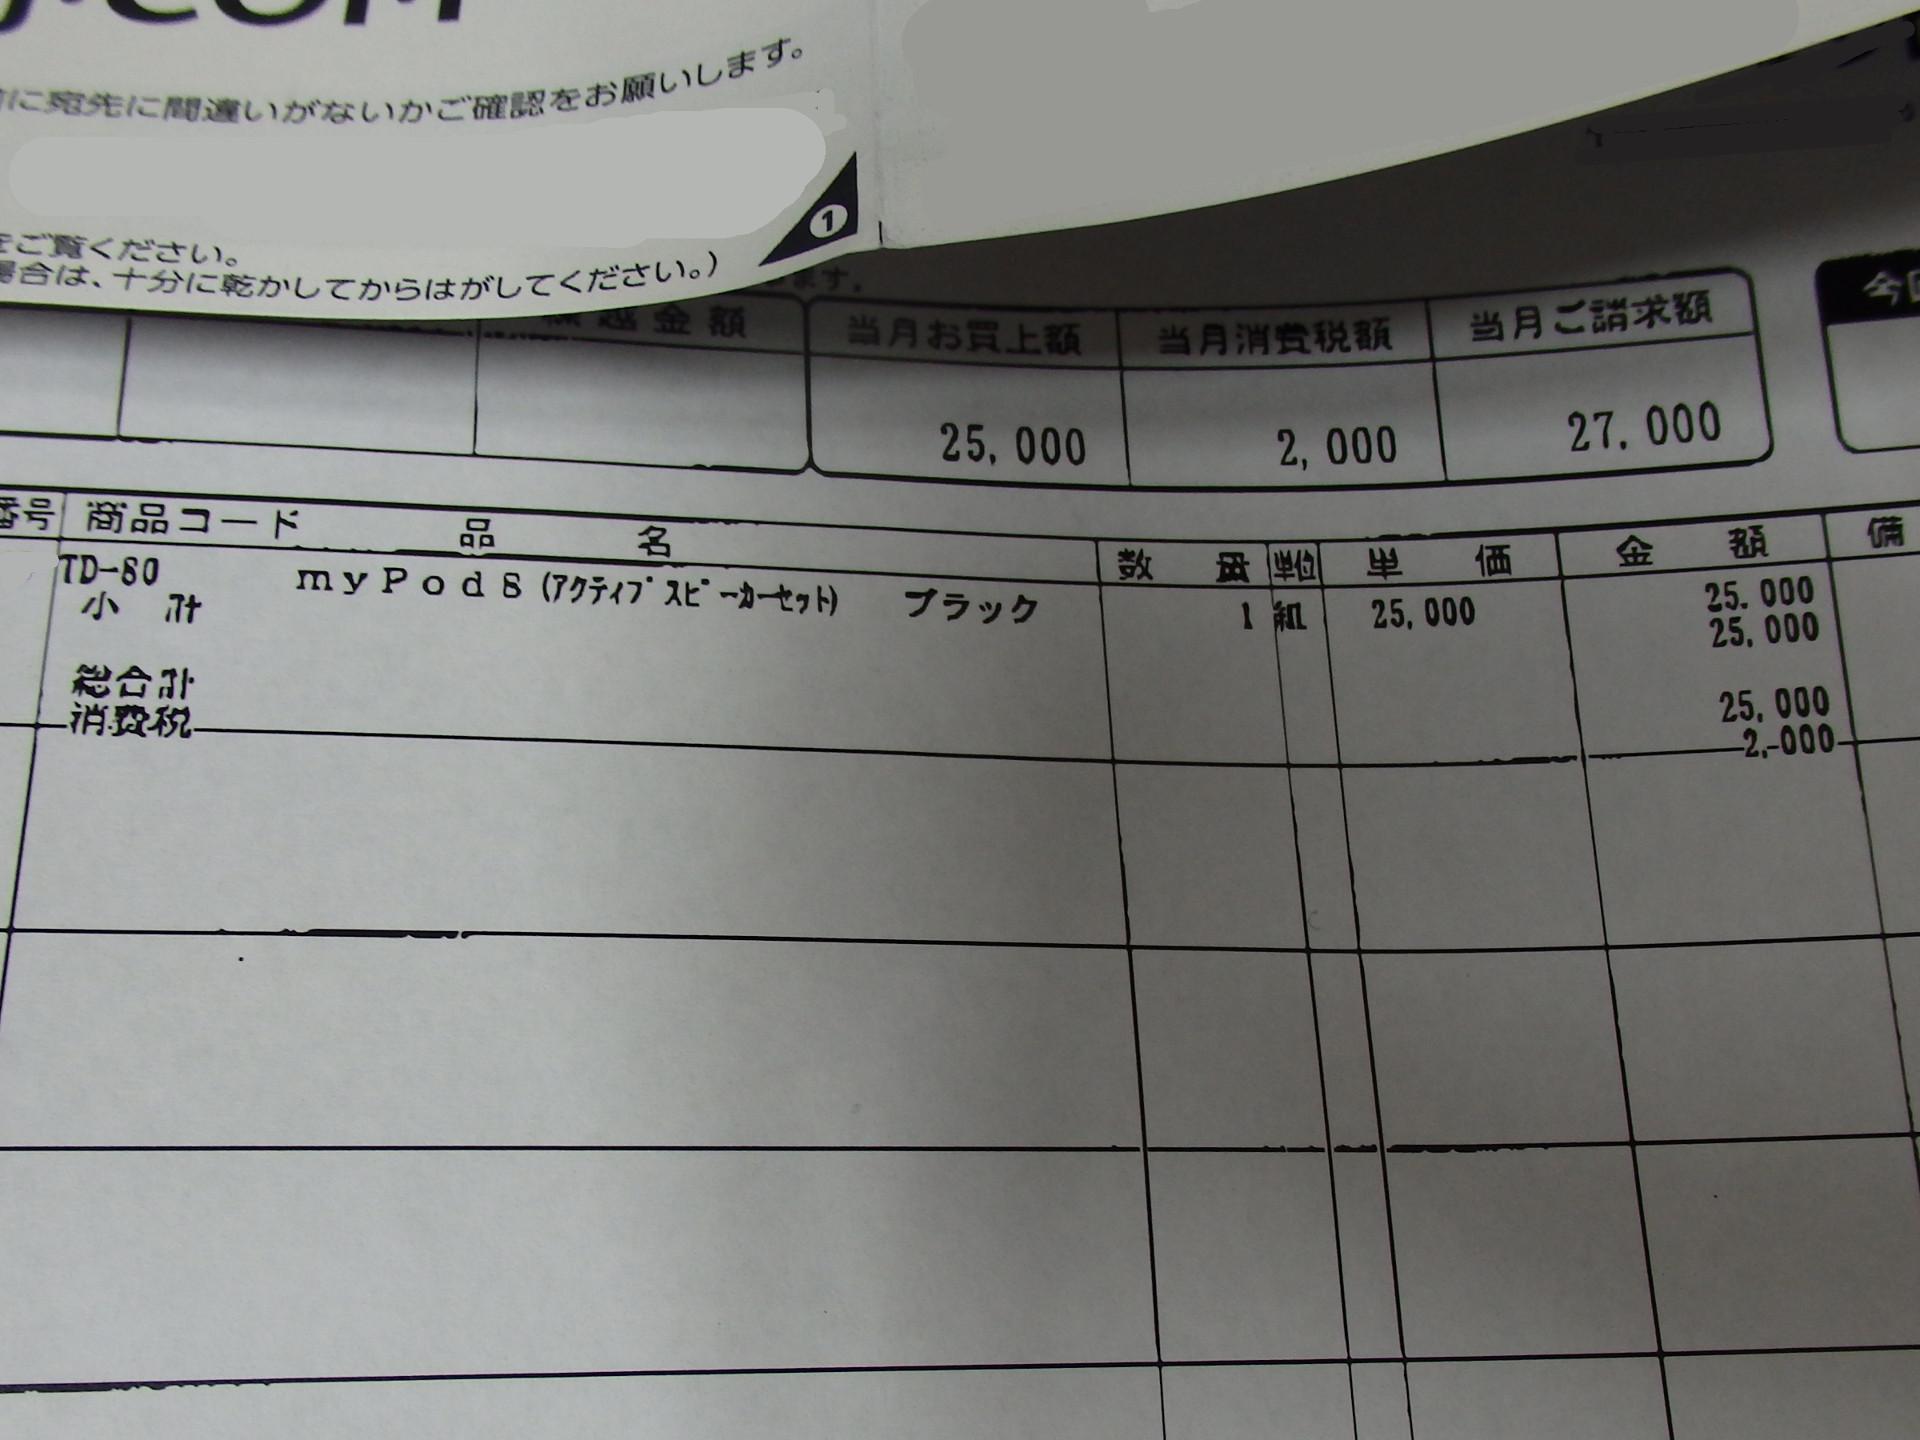 タイムドメインの新スピーカー「myPod8・ブラック」間もなく入荷。